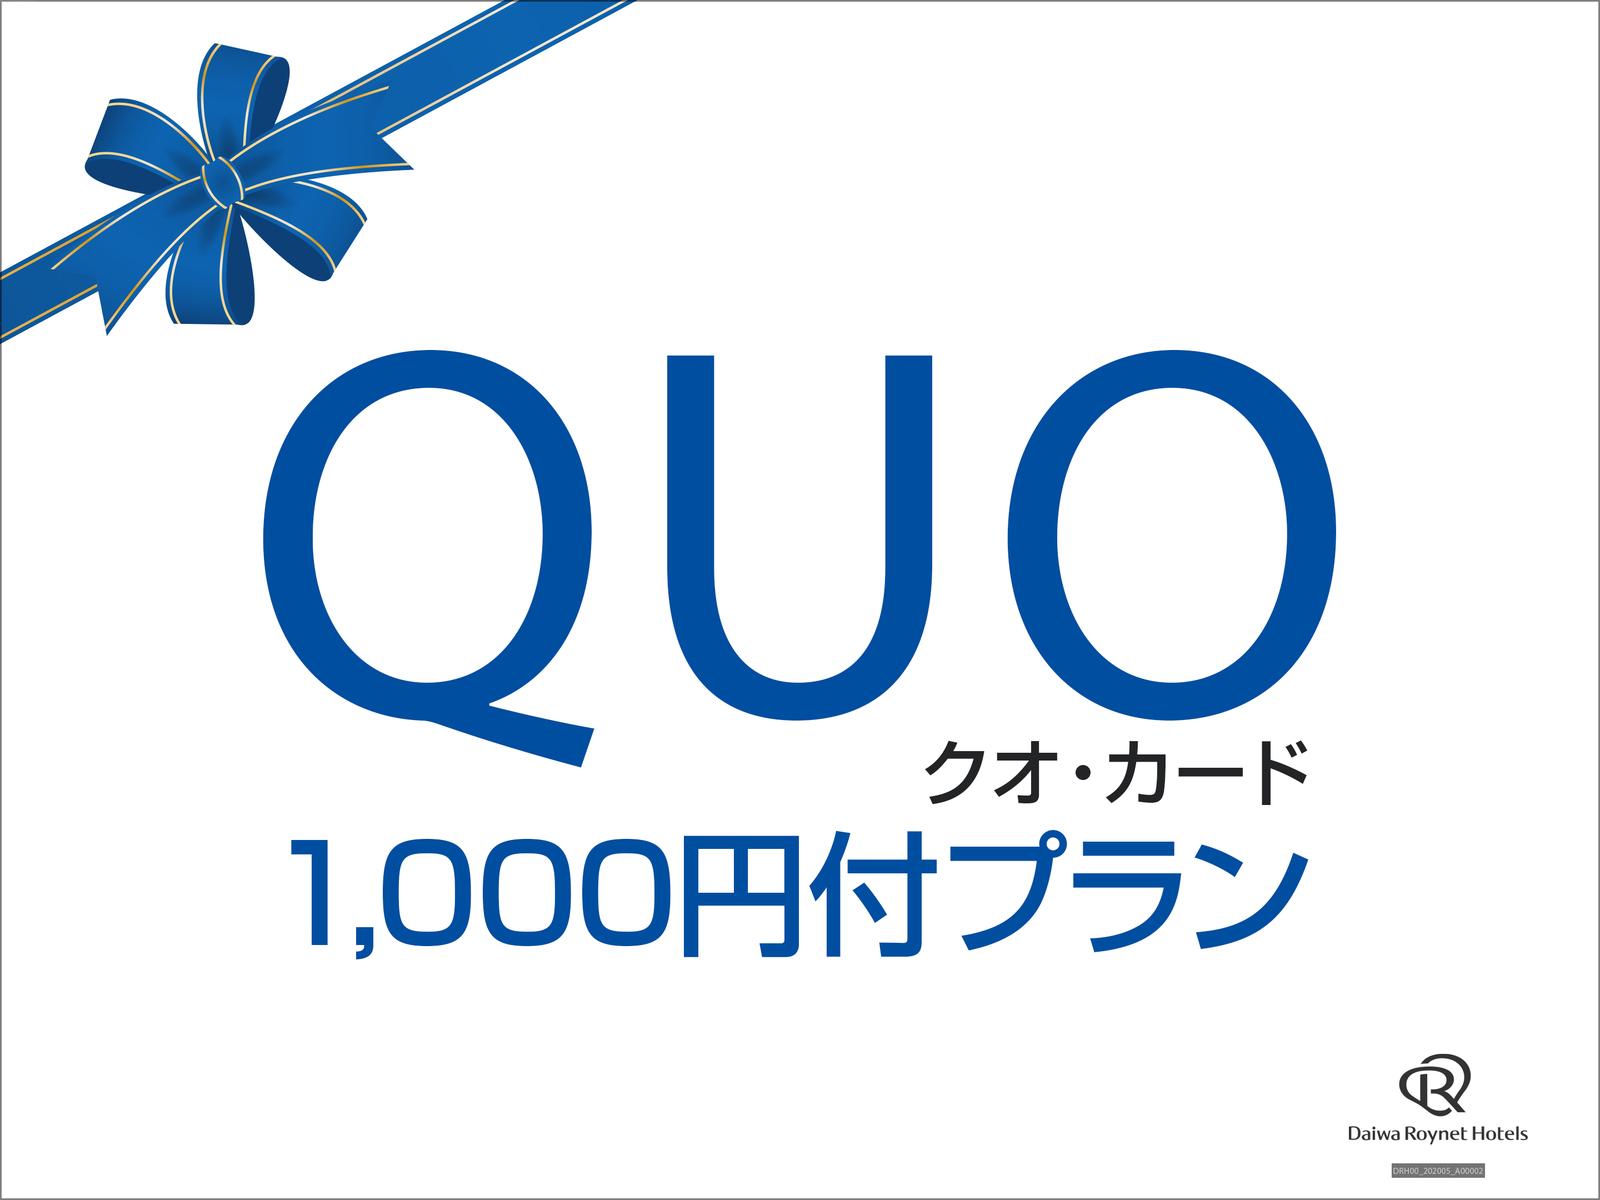 ダイワロイネットホテル福山駅前 / 【QUOカード1,000円付】トラベルサポートプラン~素泊まり~